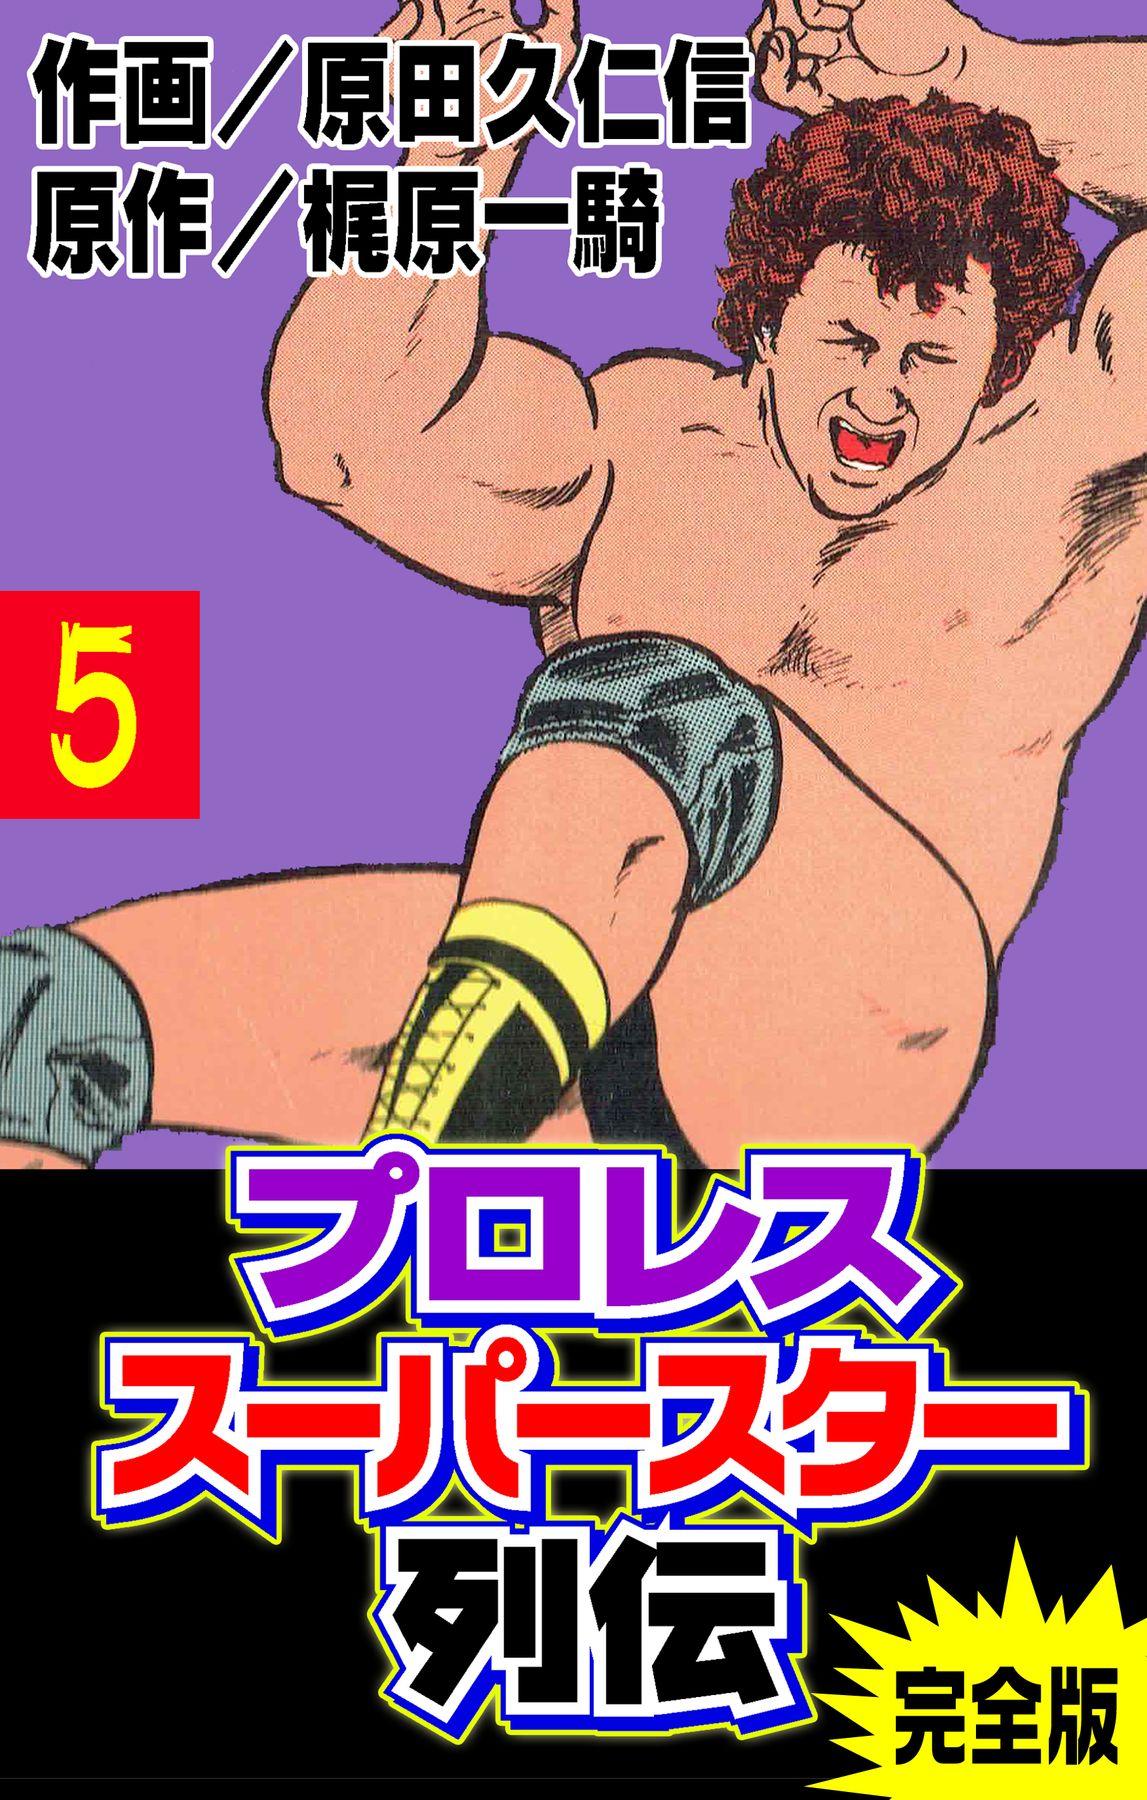 プロレススーパースター列伝【完全版】(第5巻)